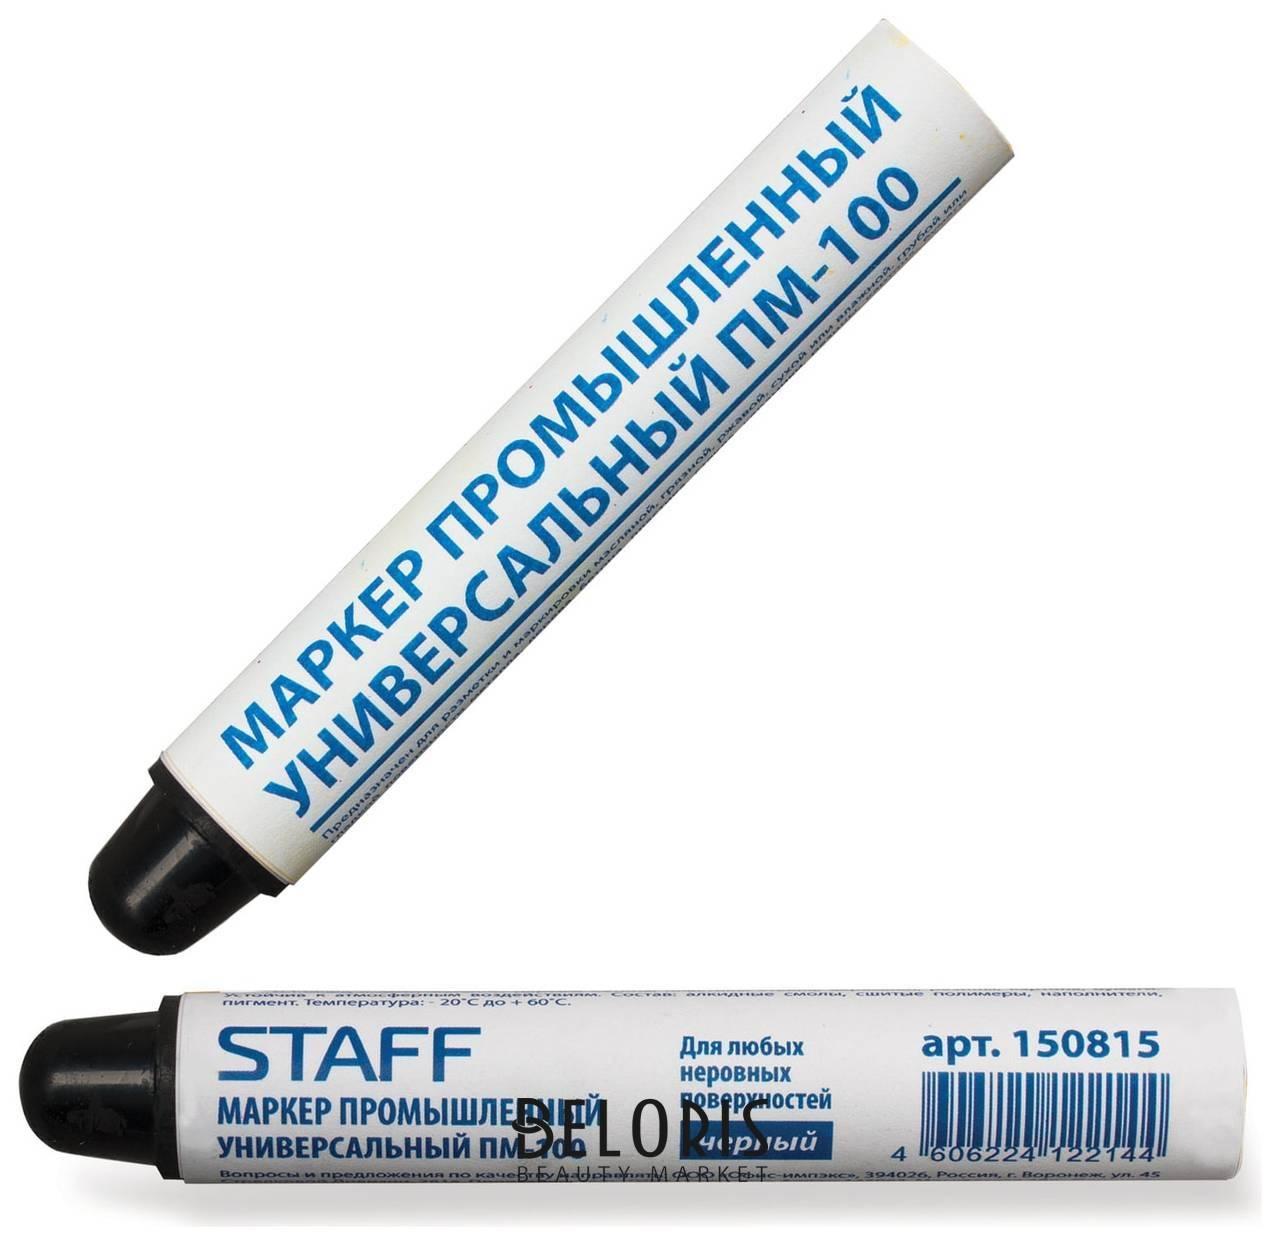 Маркер для промышленной маркировки Staff ПМ-100 твердый, черный, -20 до +40с Staff